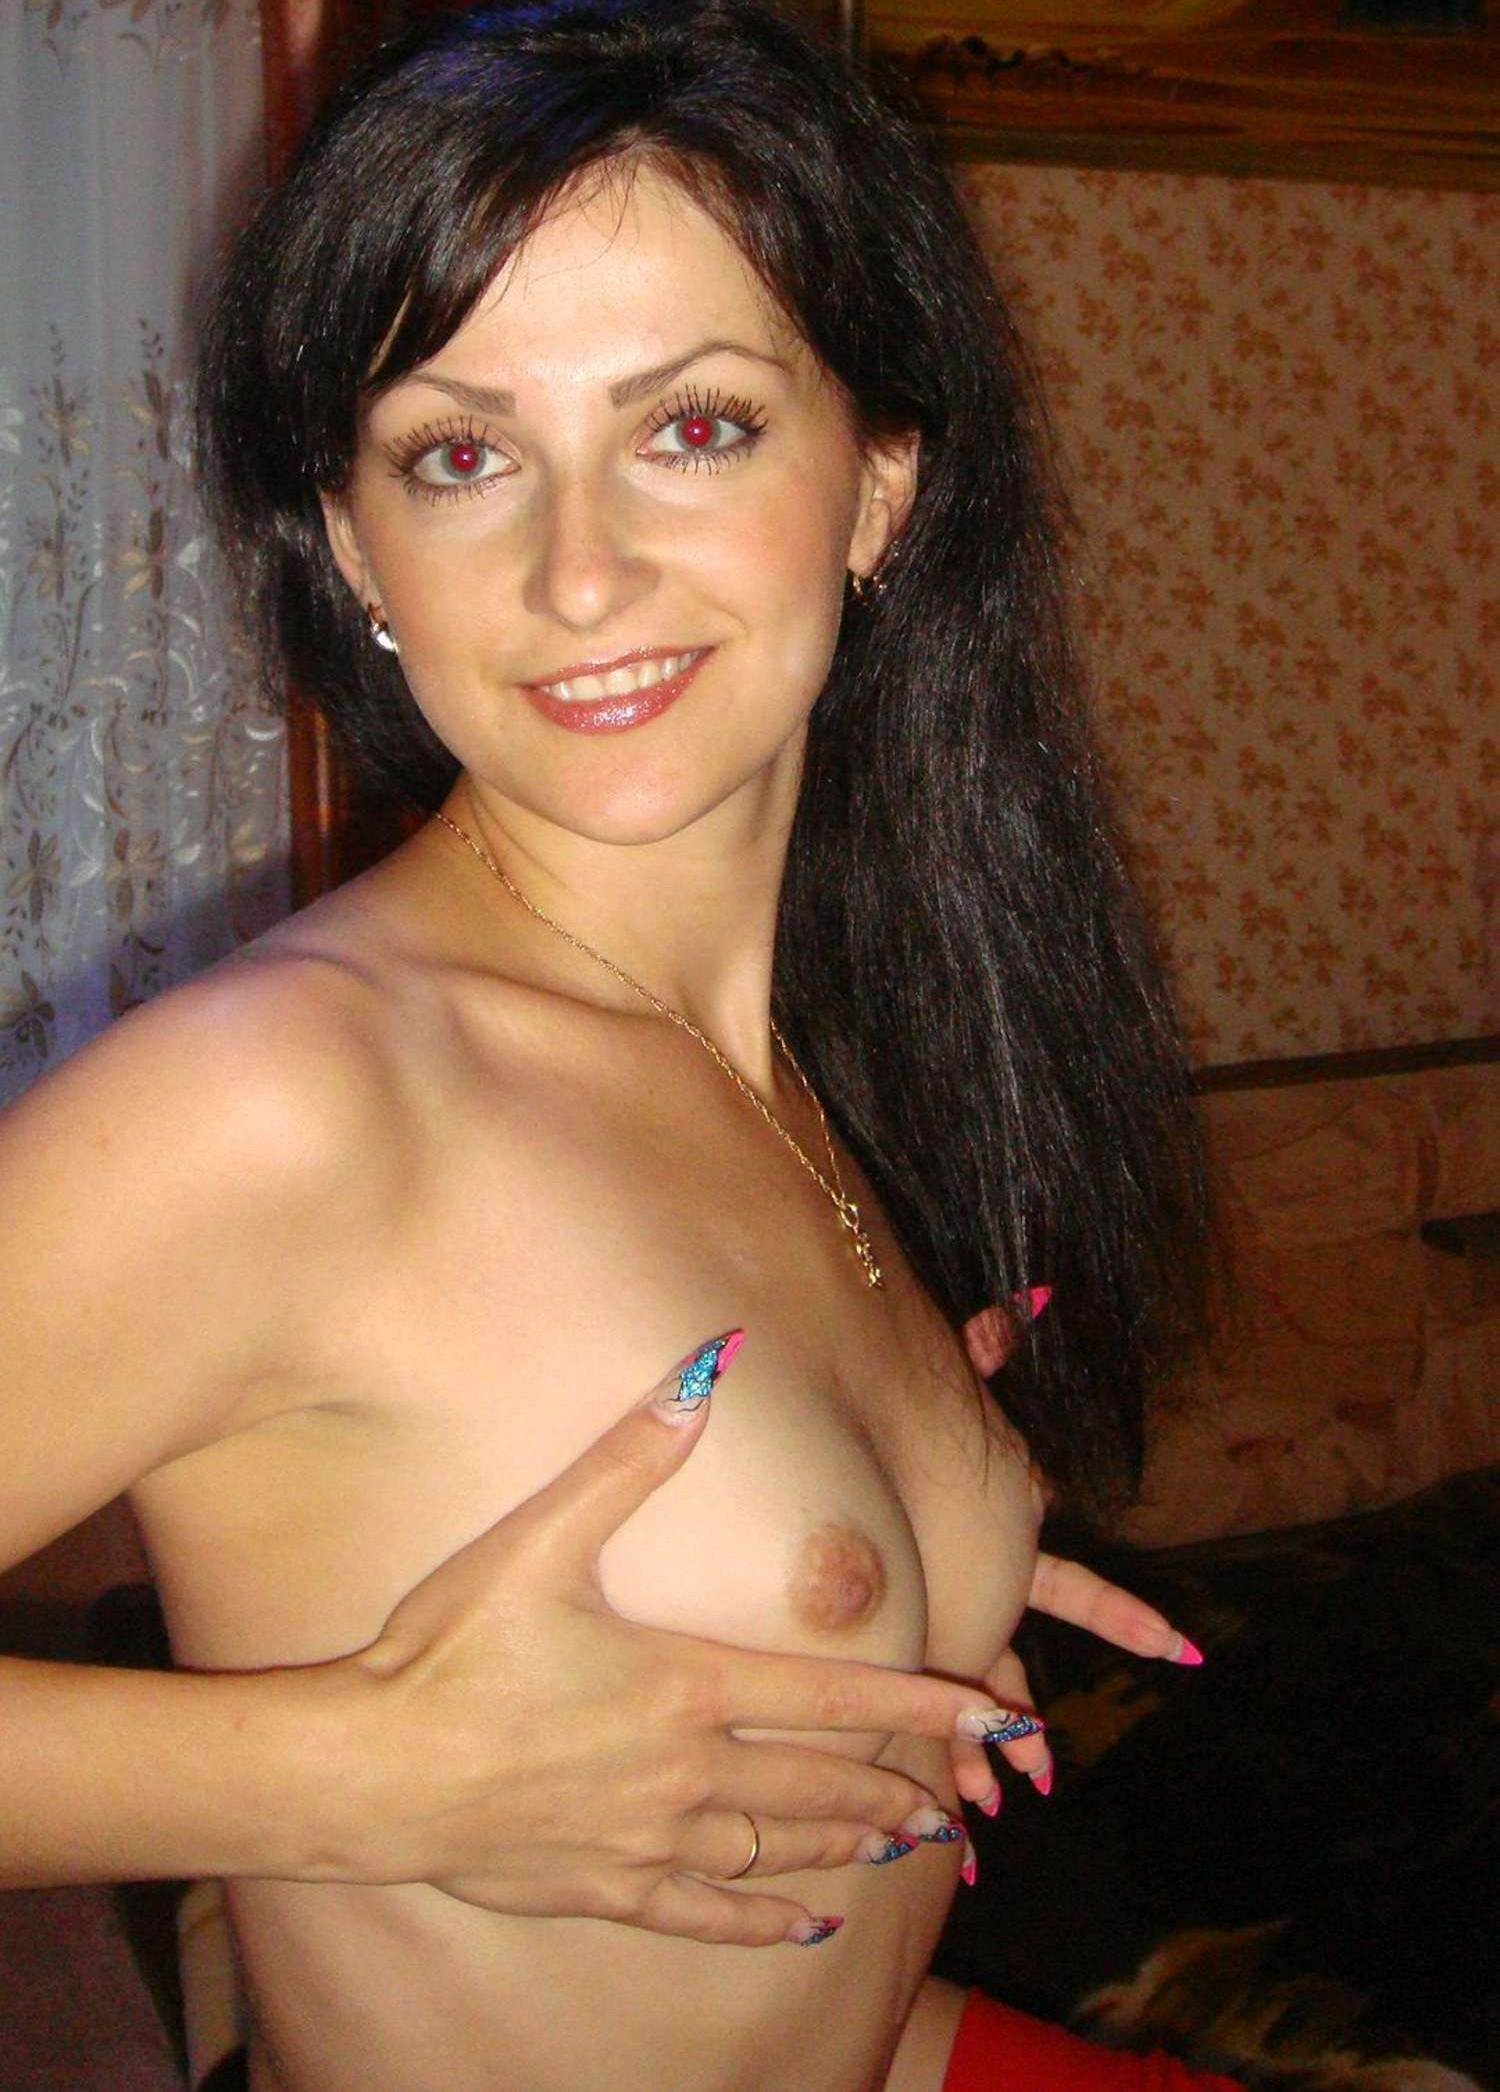 brunette-amateur-nude-milf-37